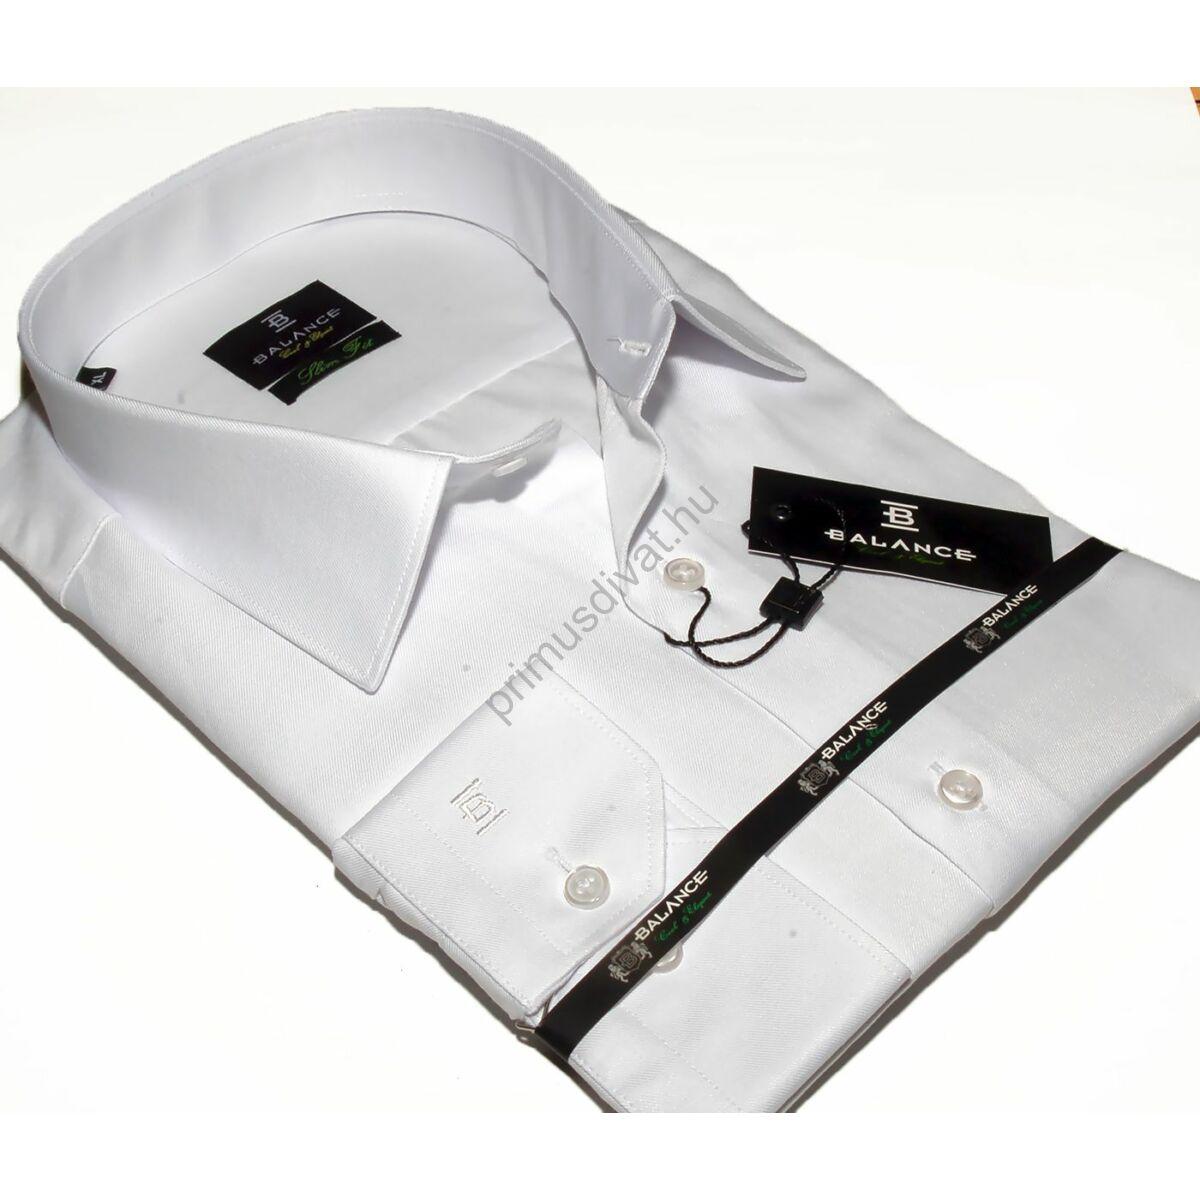 f8f46393a7 Kép 1/1 - Balance normál galléros, egyszínű fehér pamutszatén, slim-fit  hosszú ujjú ing